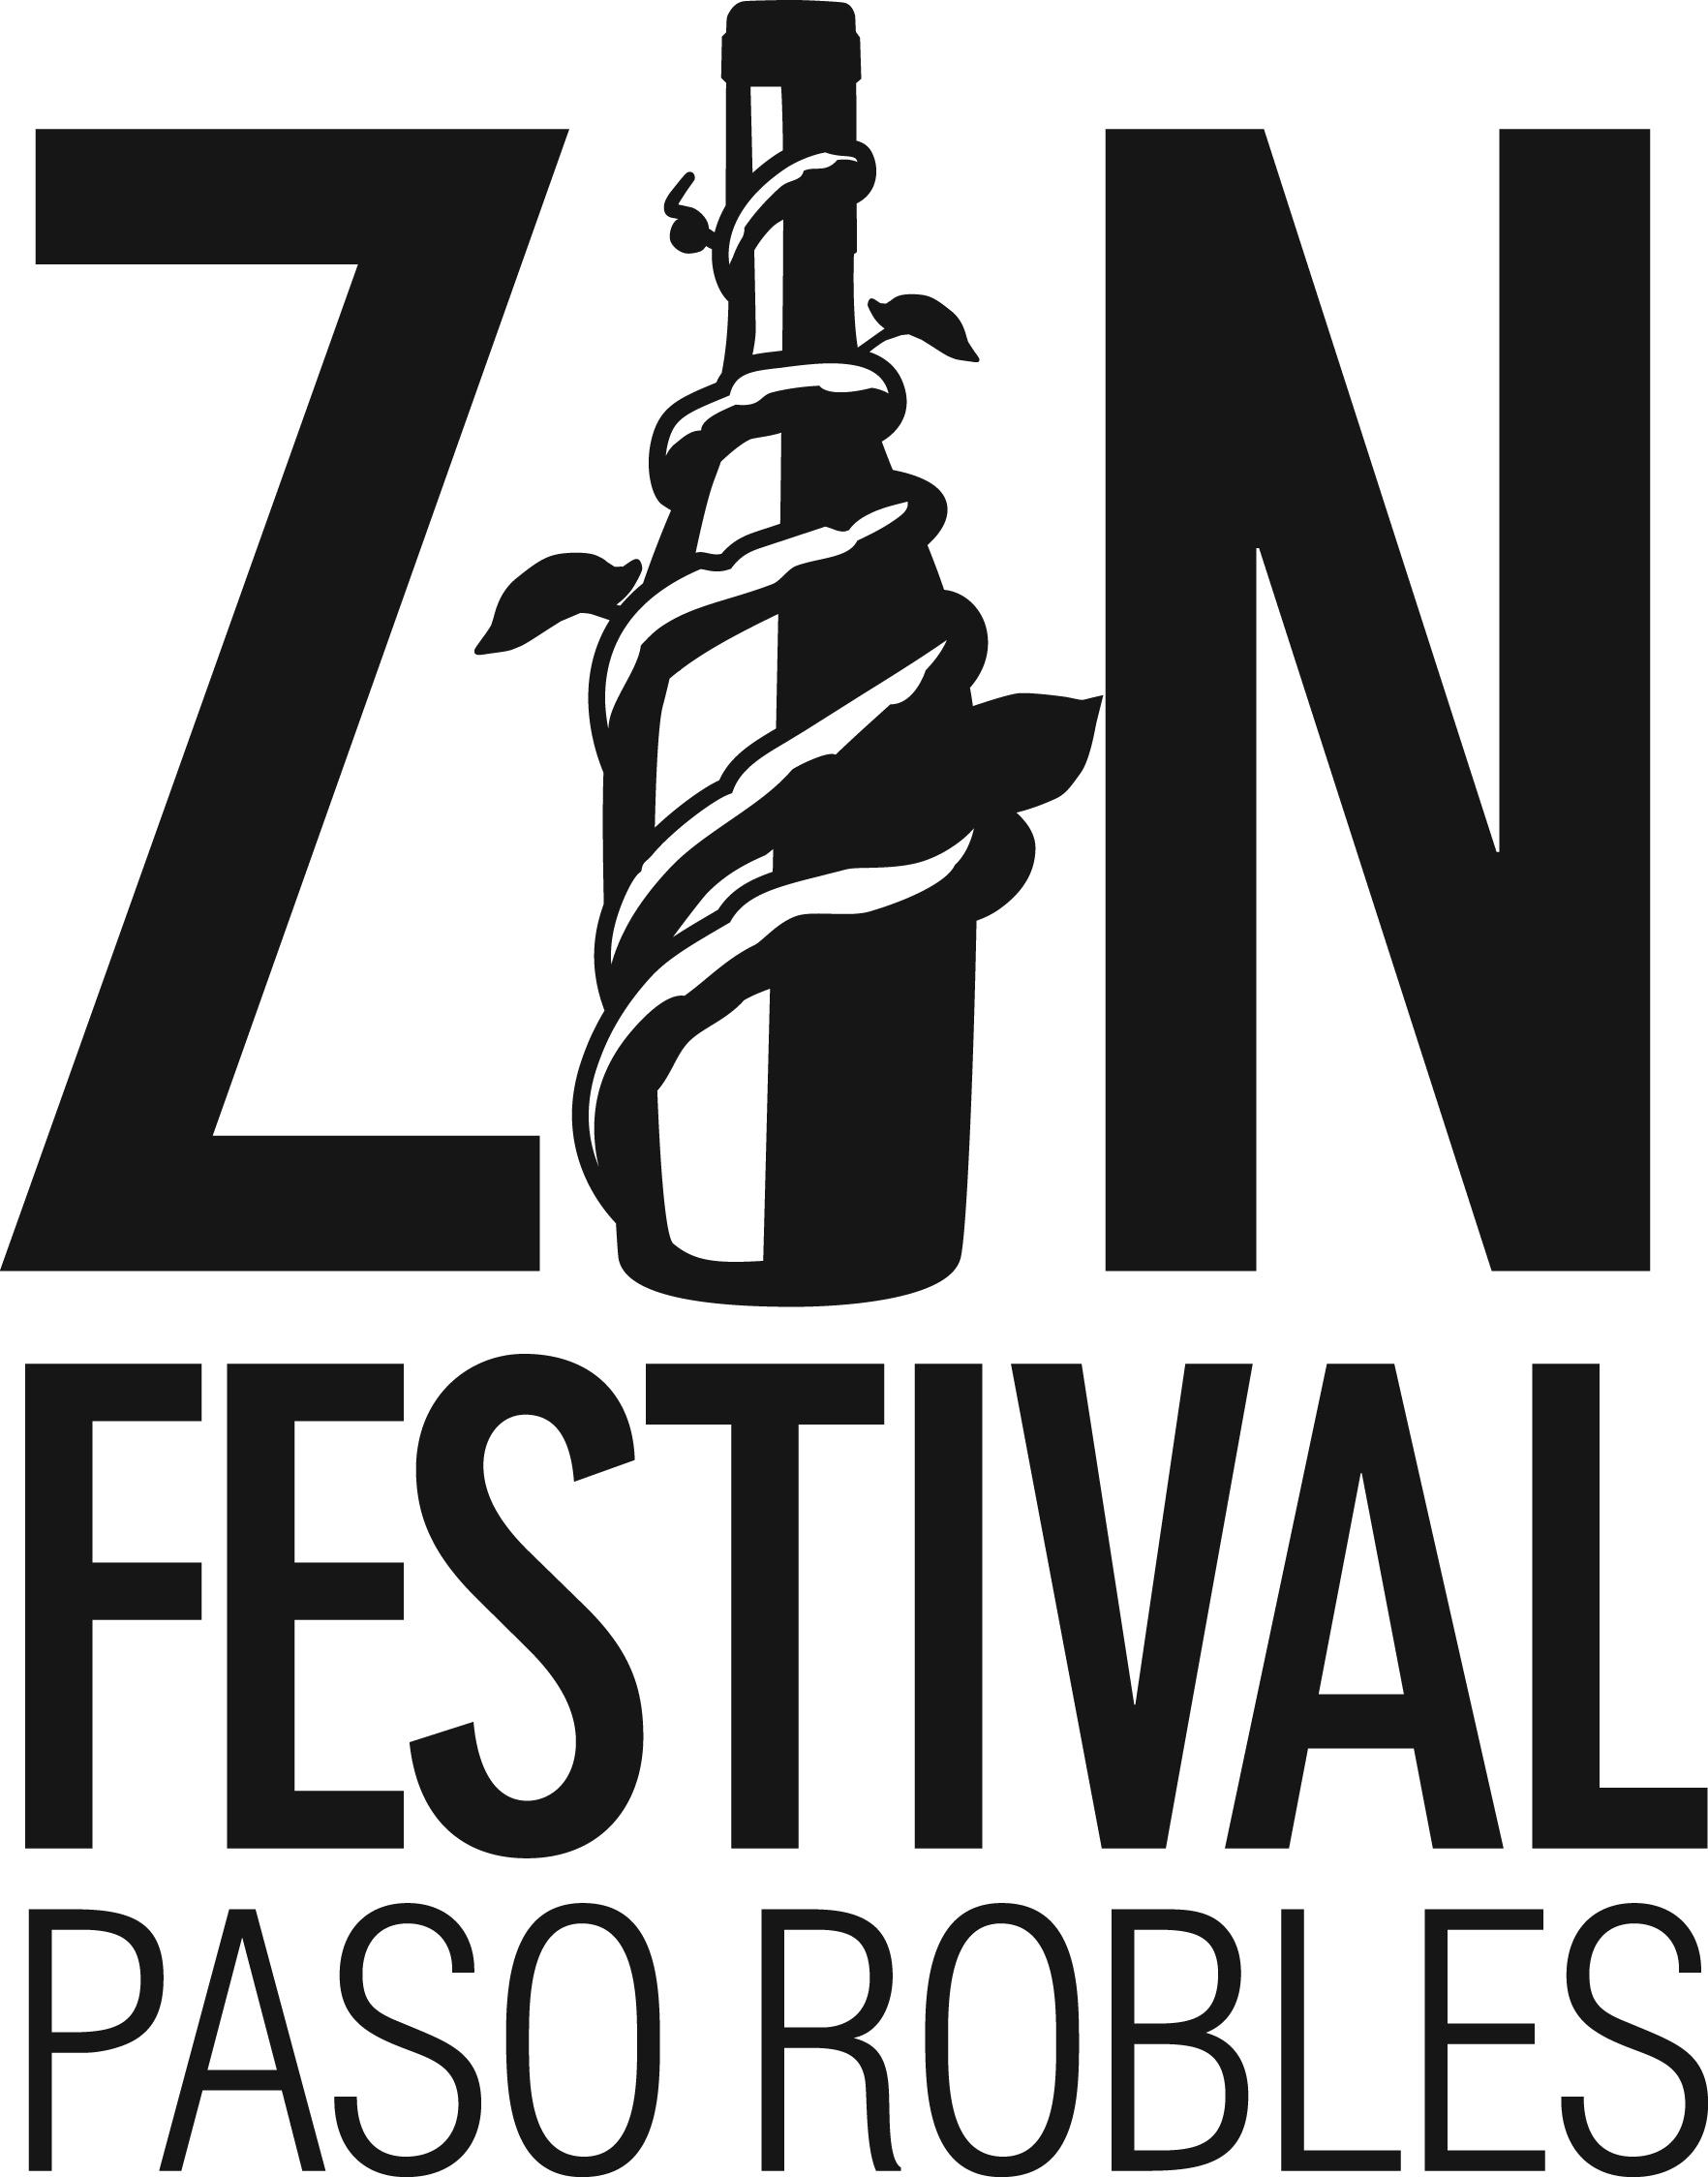 Paso Robles Zin Fest